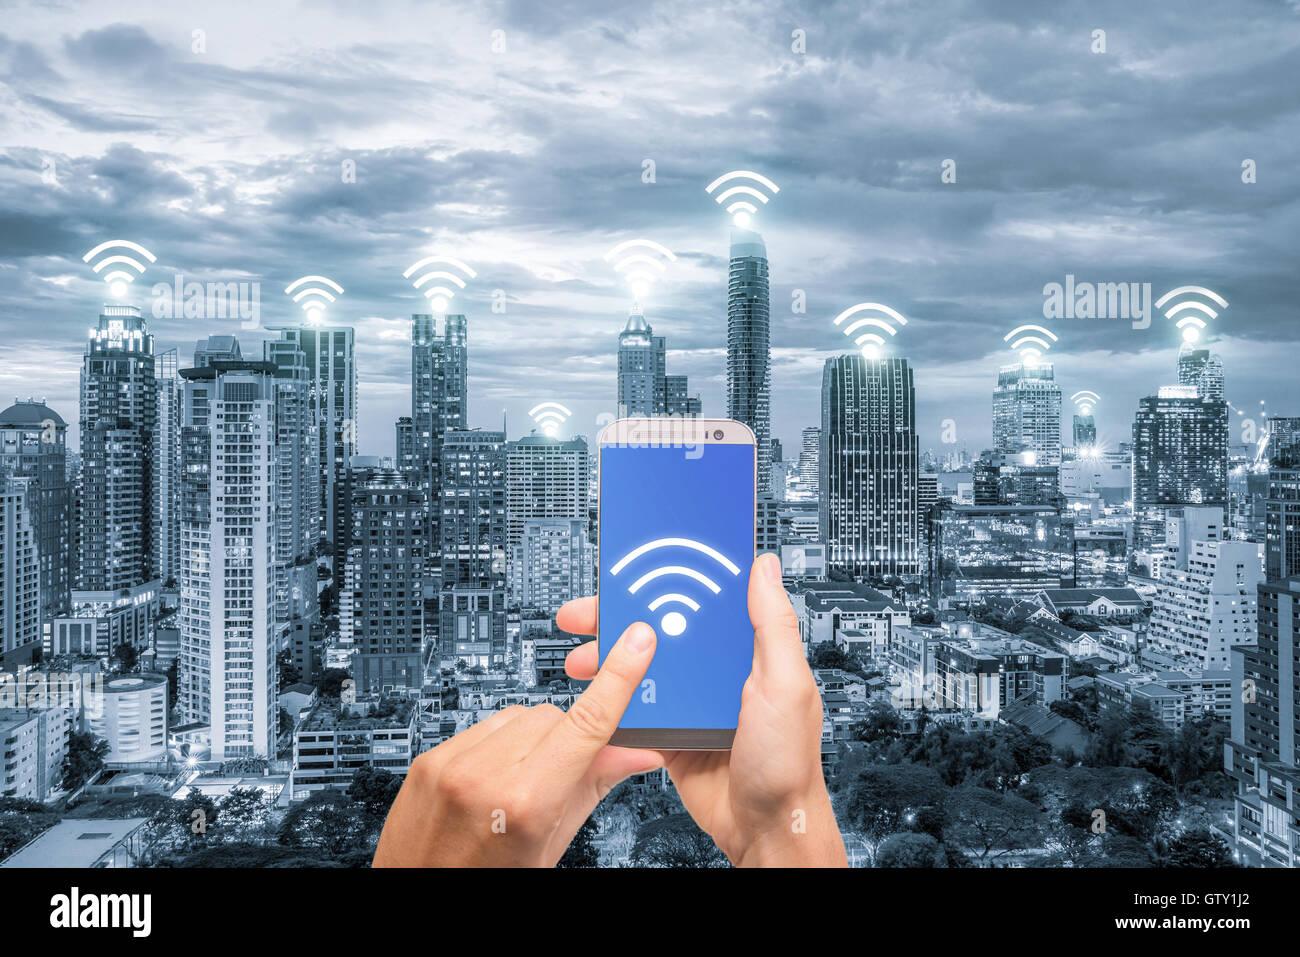 Mano sujetando el teléfono móvil con la red de conexión de red wifi. Concepto de conexión de Imagen De Stock